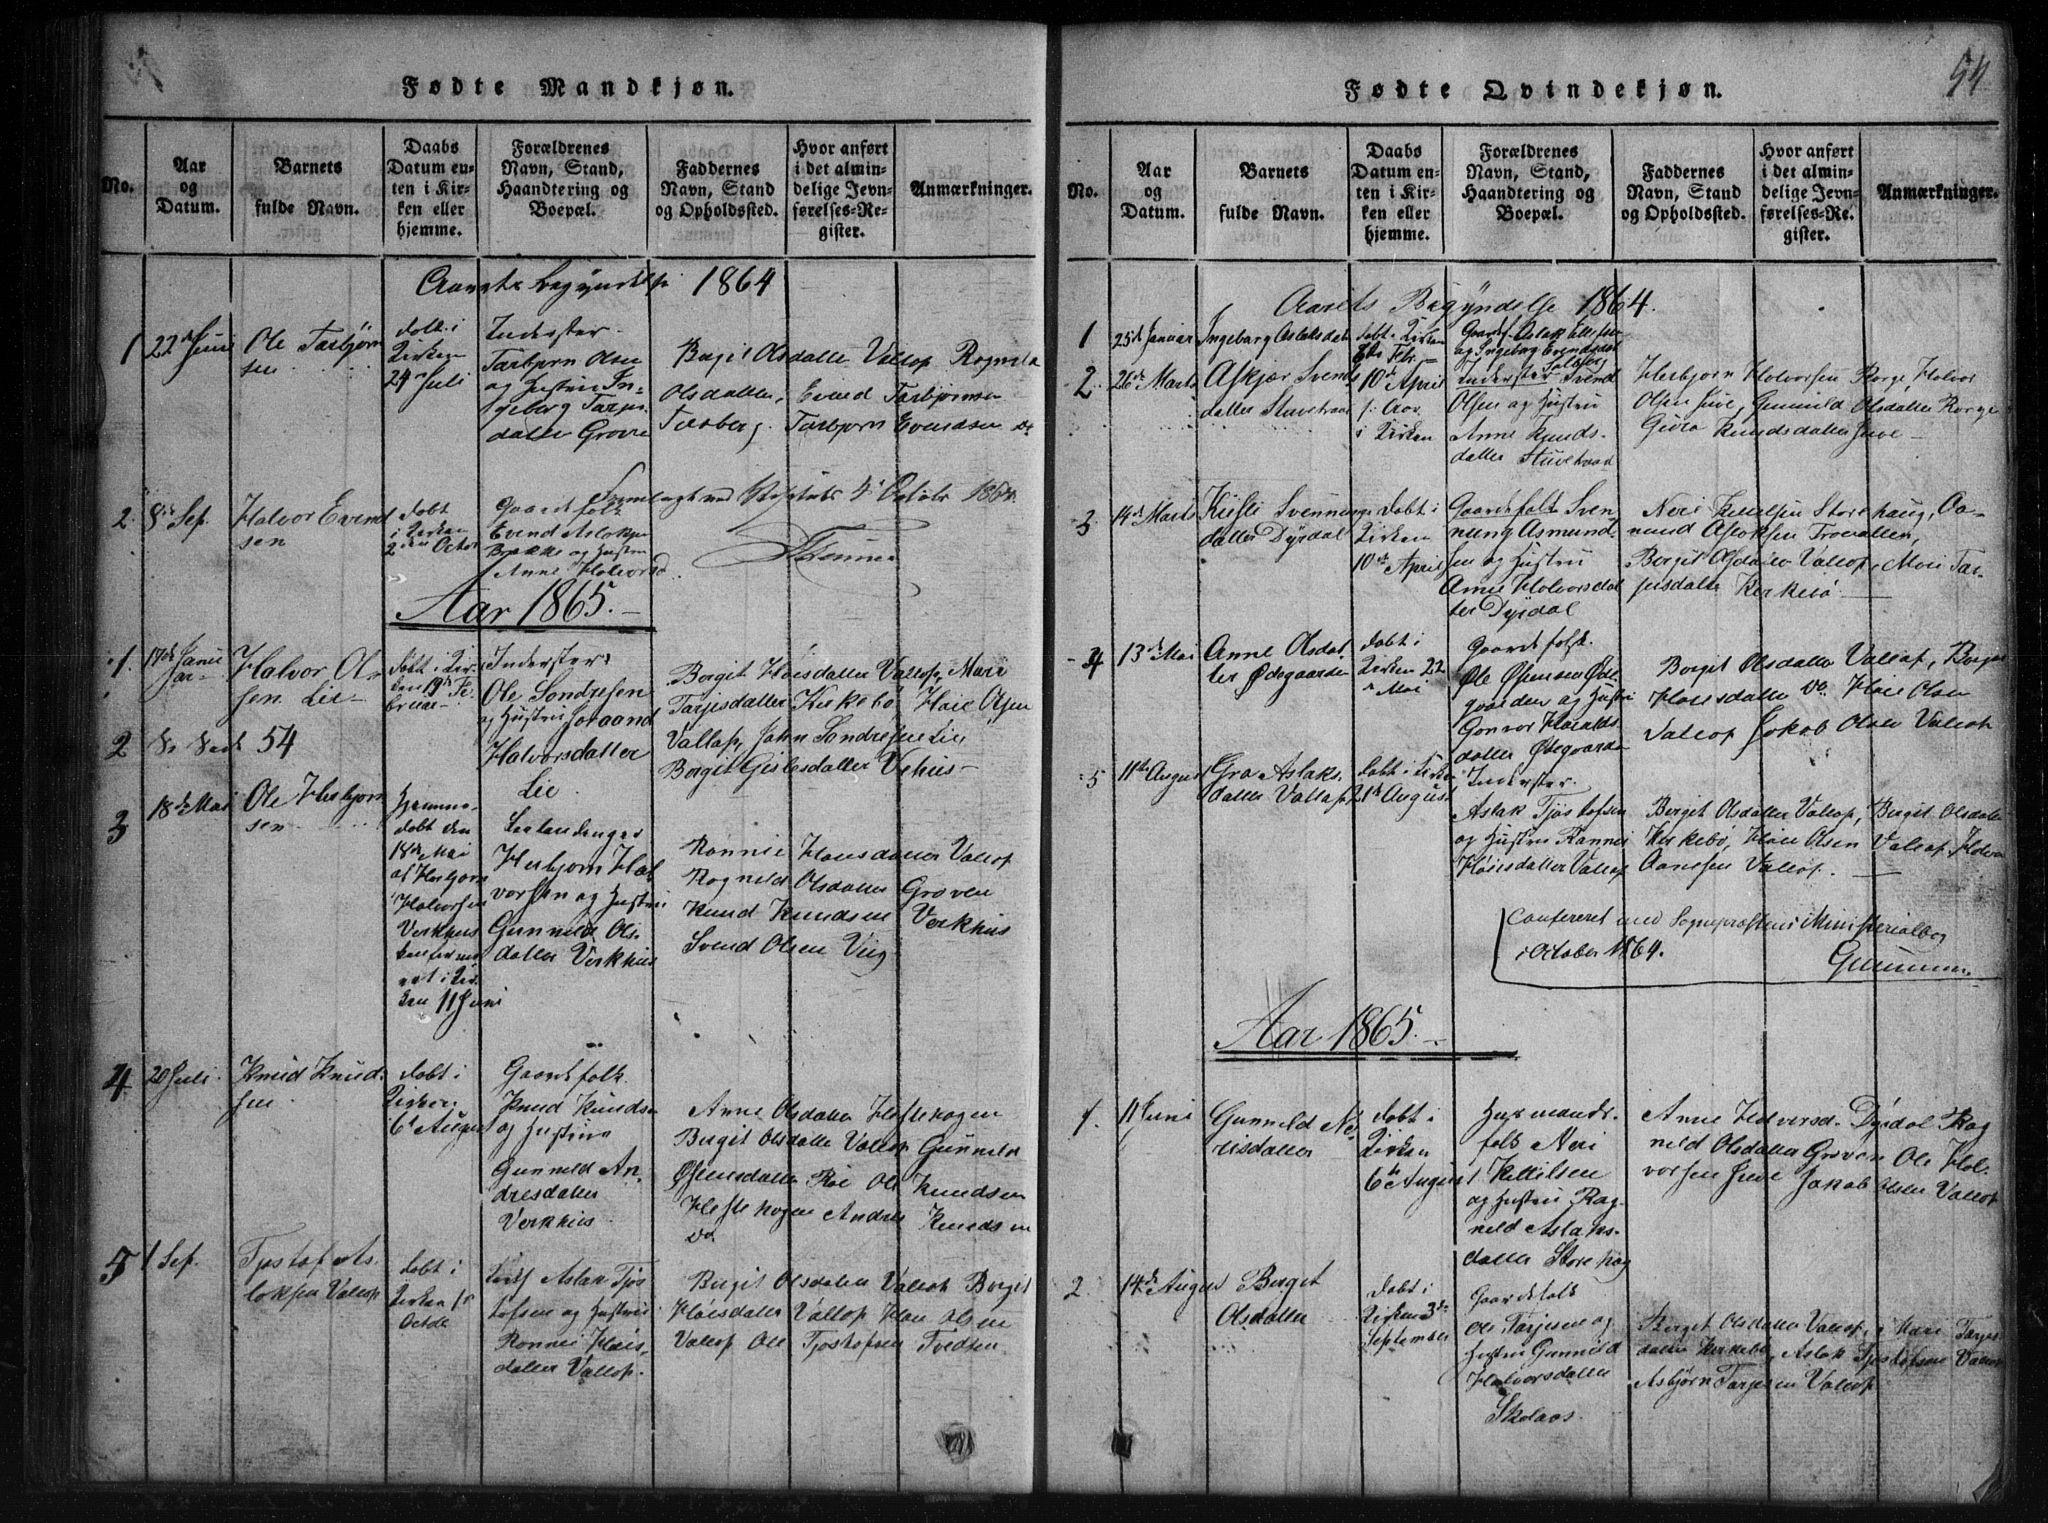 SAKO, Rauland kirkebøker, G/Gb/L0001: Klokkerbok nr. II 1, 1815-1886, s. 54